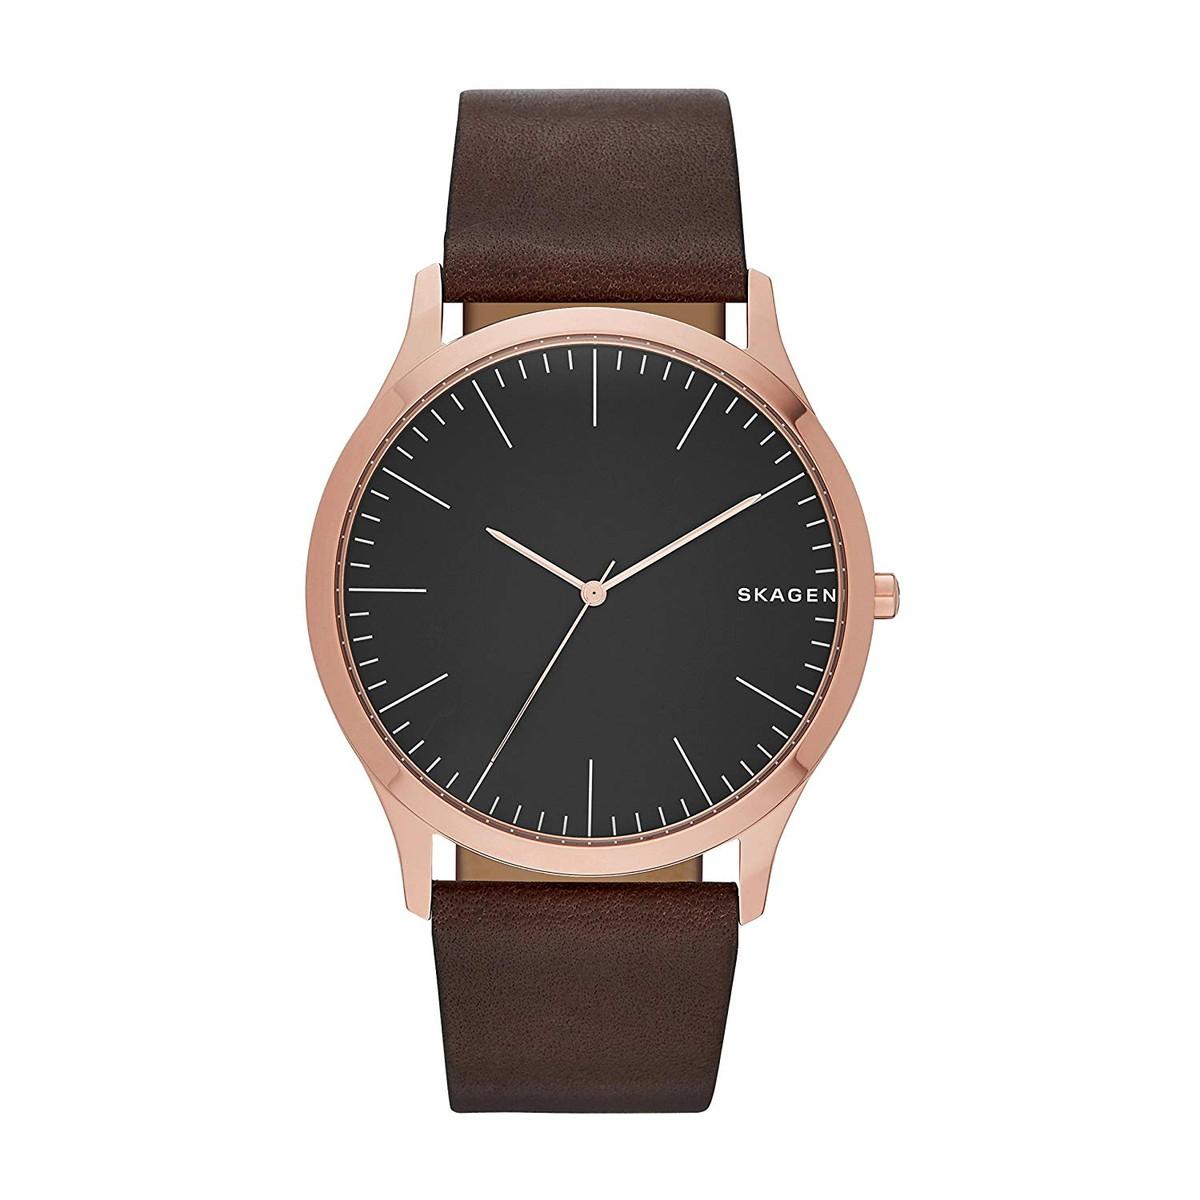 スカーゲン 腕時計 メンズ Skagen Men's Watch SKW6330スカーゲン 腕時計 メンズ